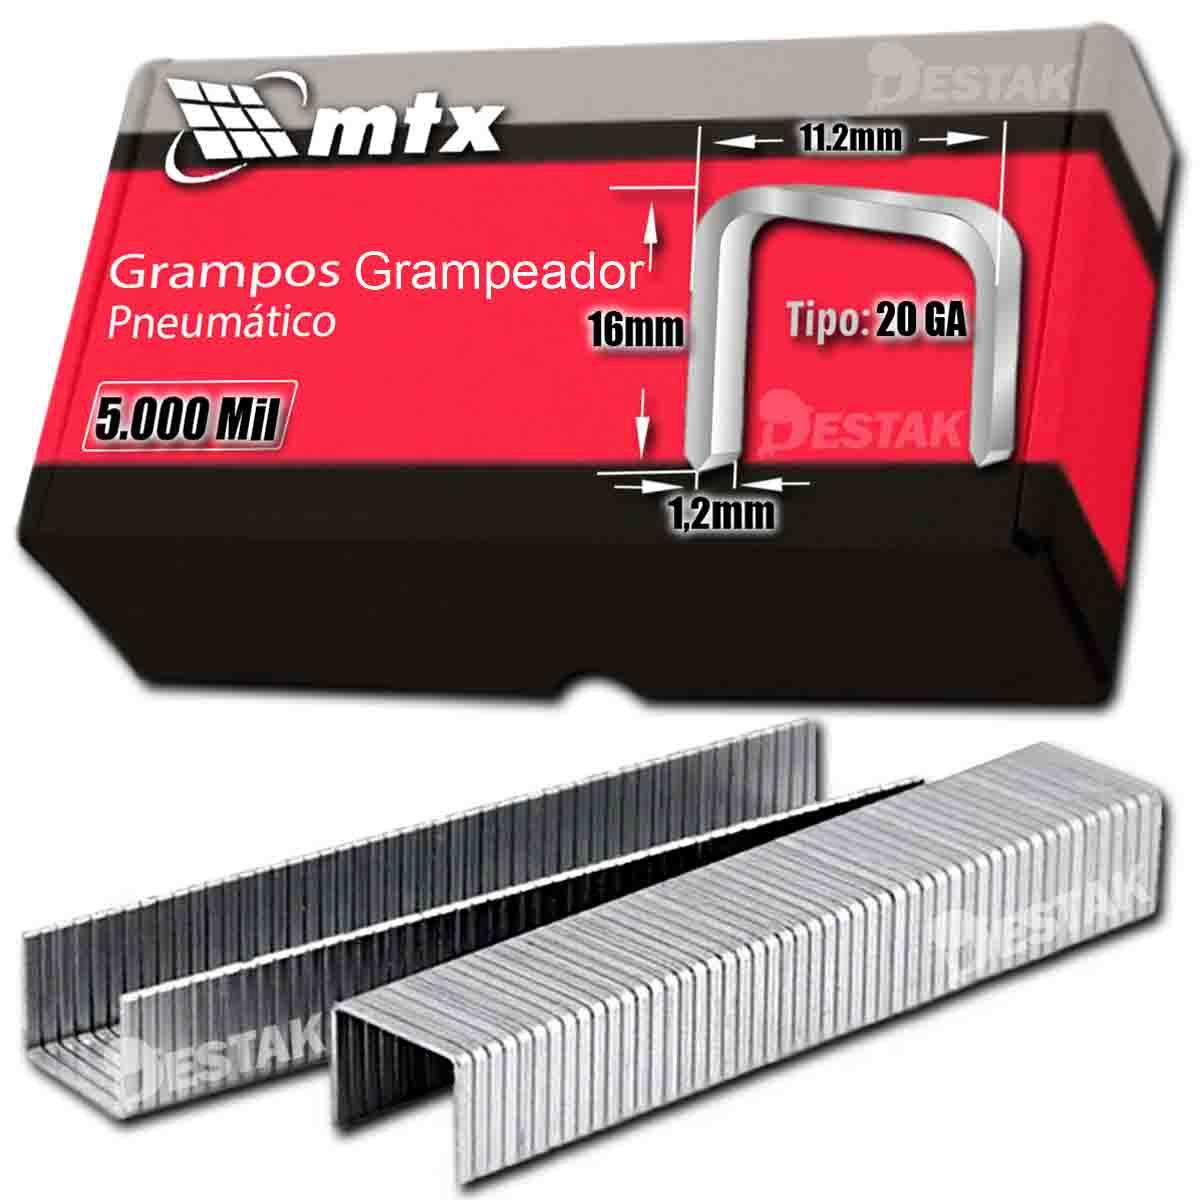 Grampo Para Grampeador Pneumático 16mm 5.000 Unid Mtx